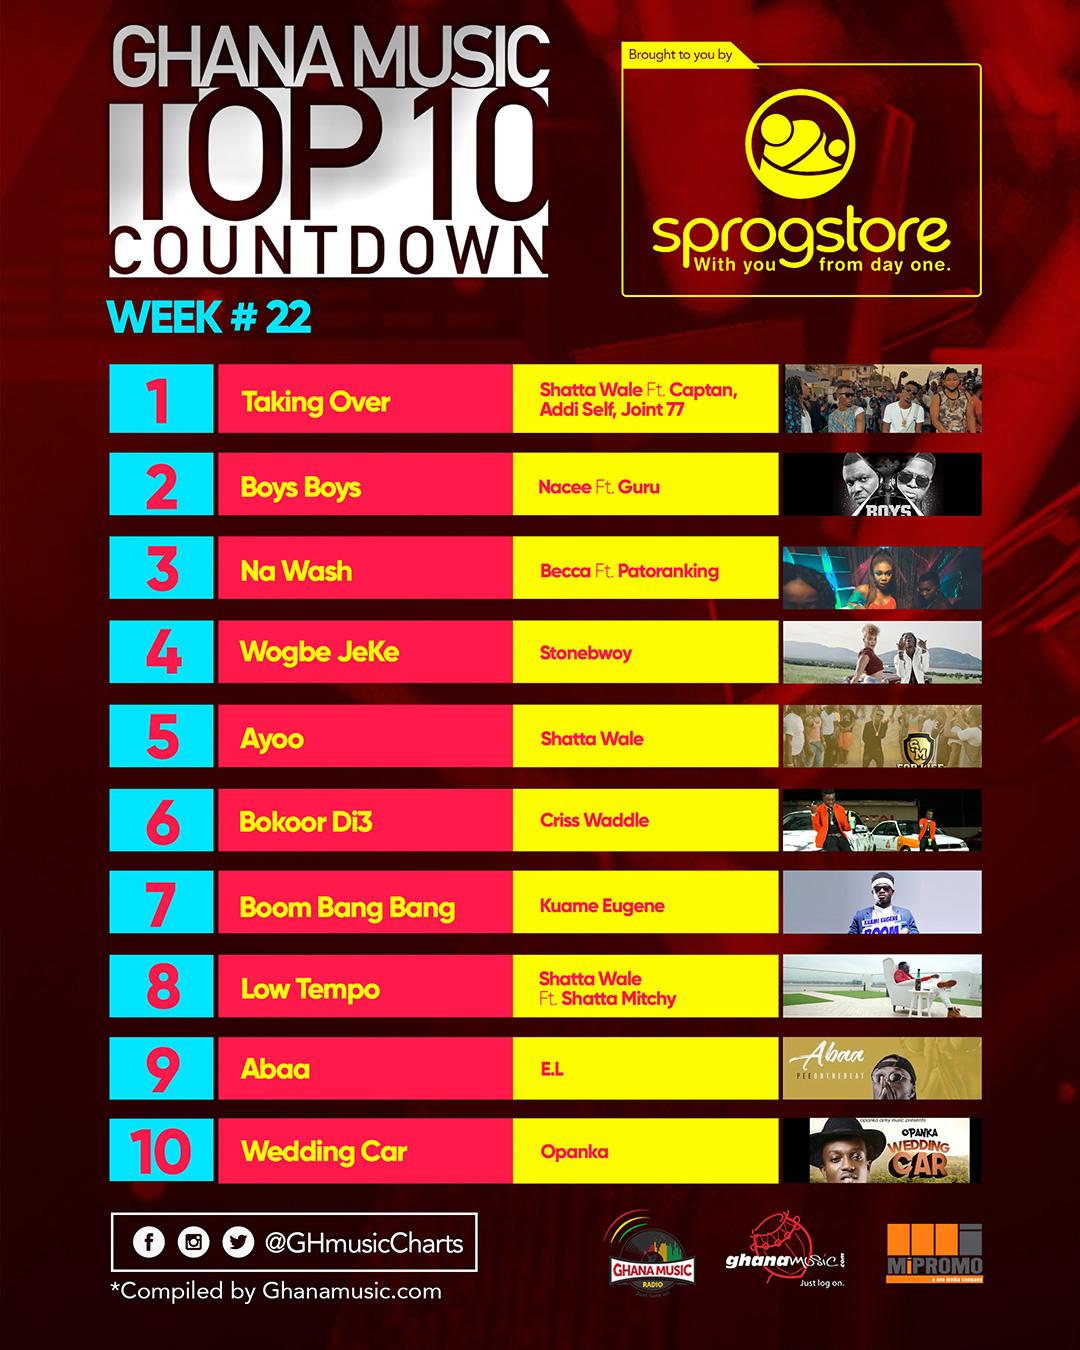 Week #22: Week ending Saturday, June 3rd, 2017. Ghana Music Top 10 Countdown.